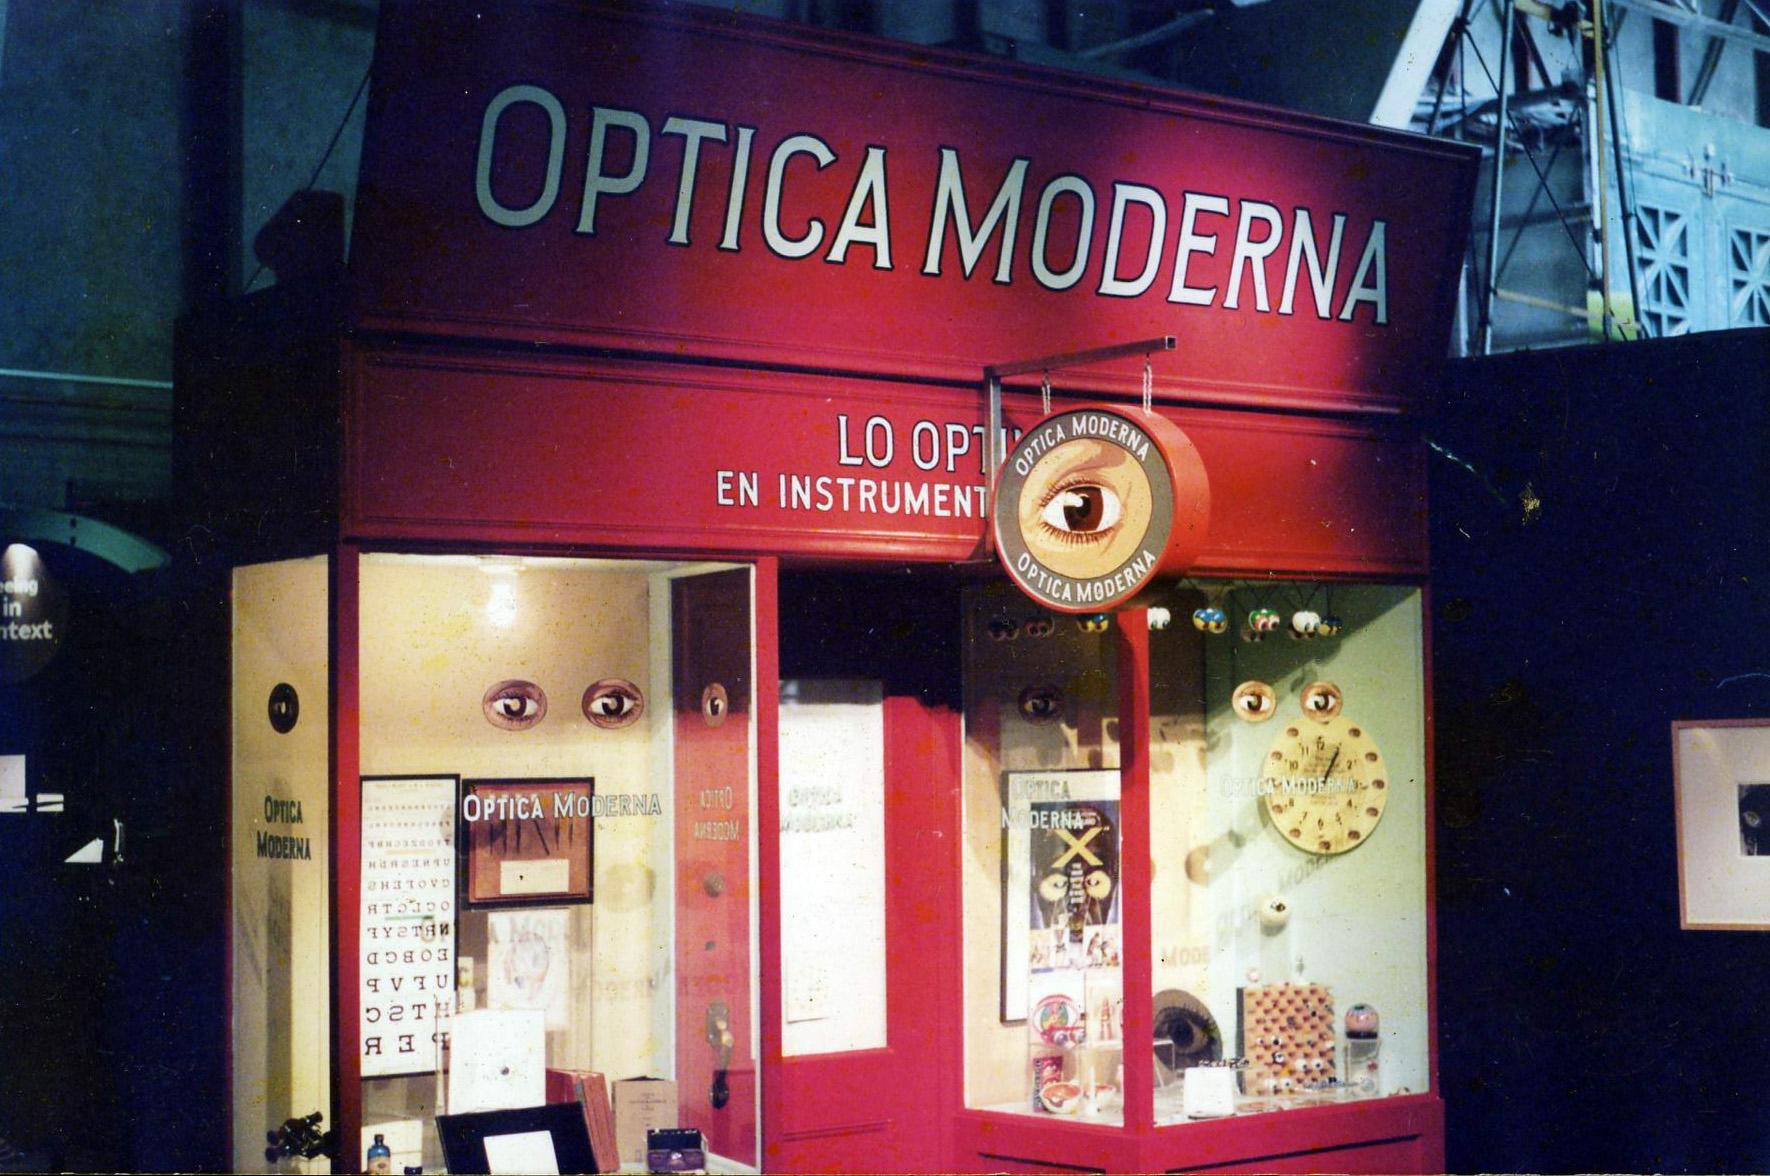 ORIG-optica-moderna_5958657091_o.jpg